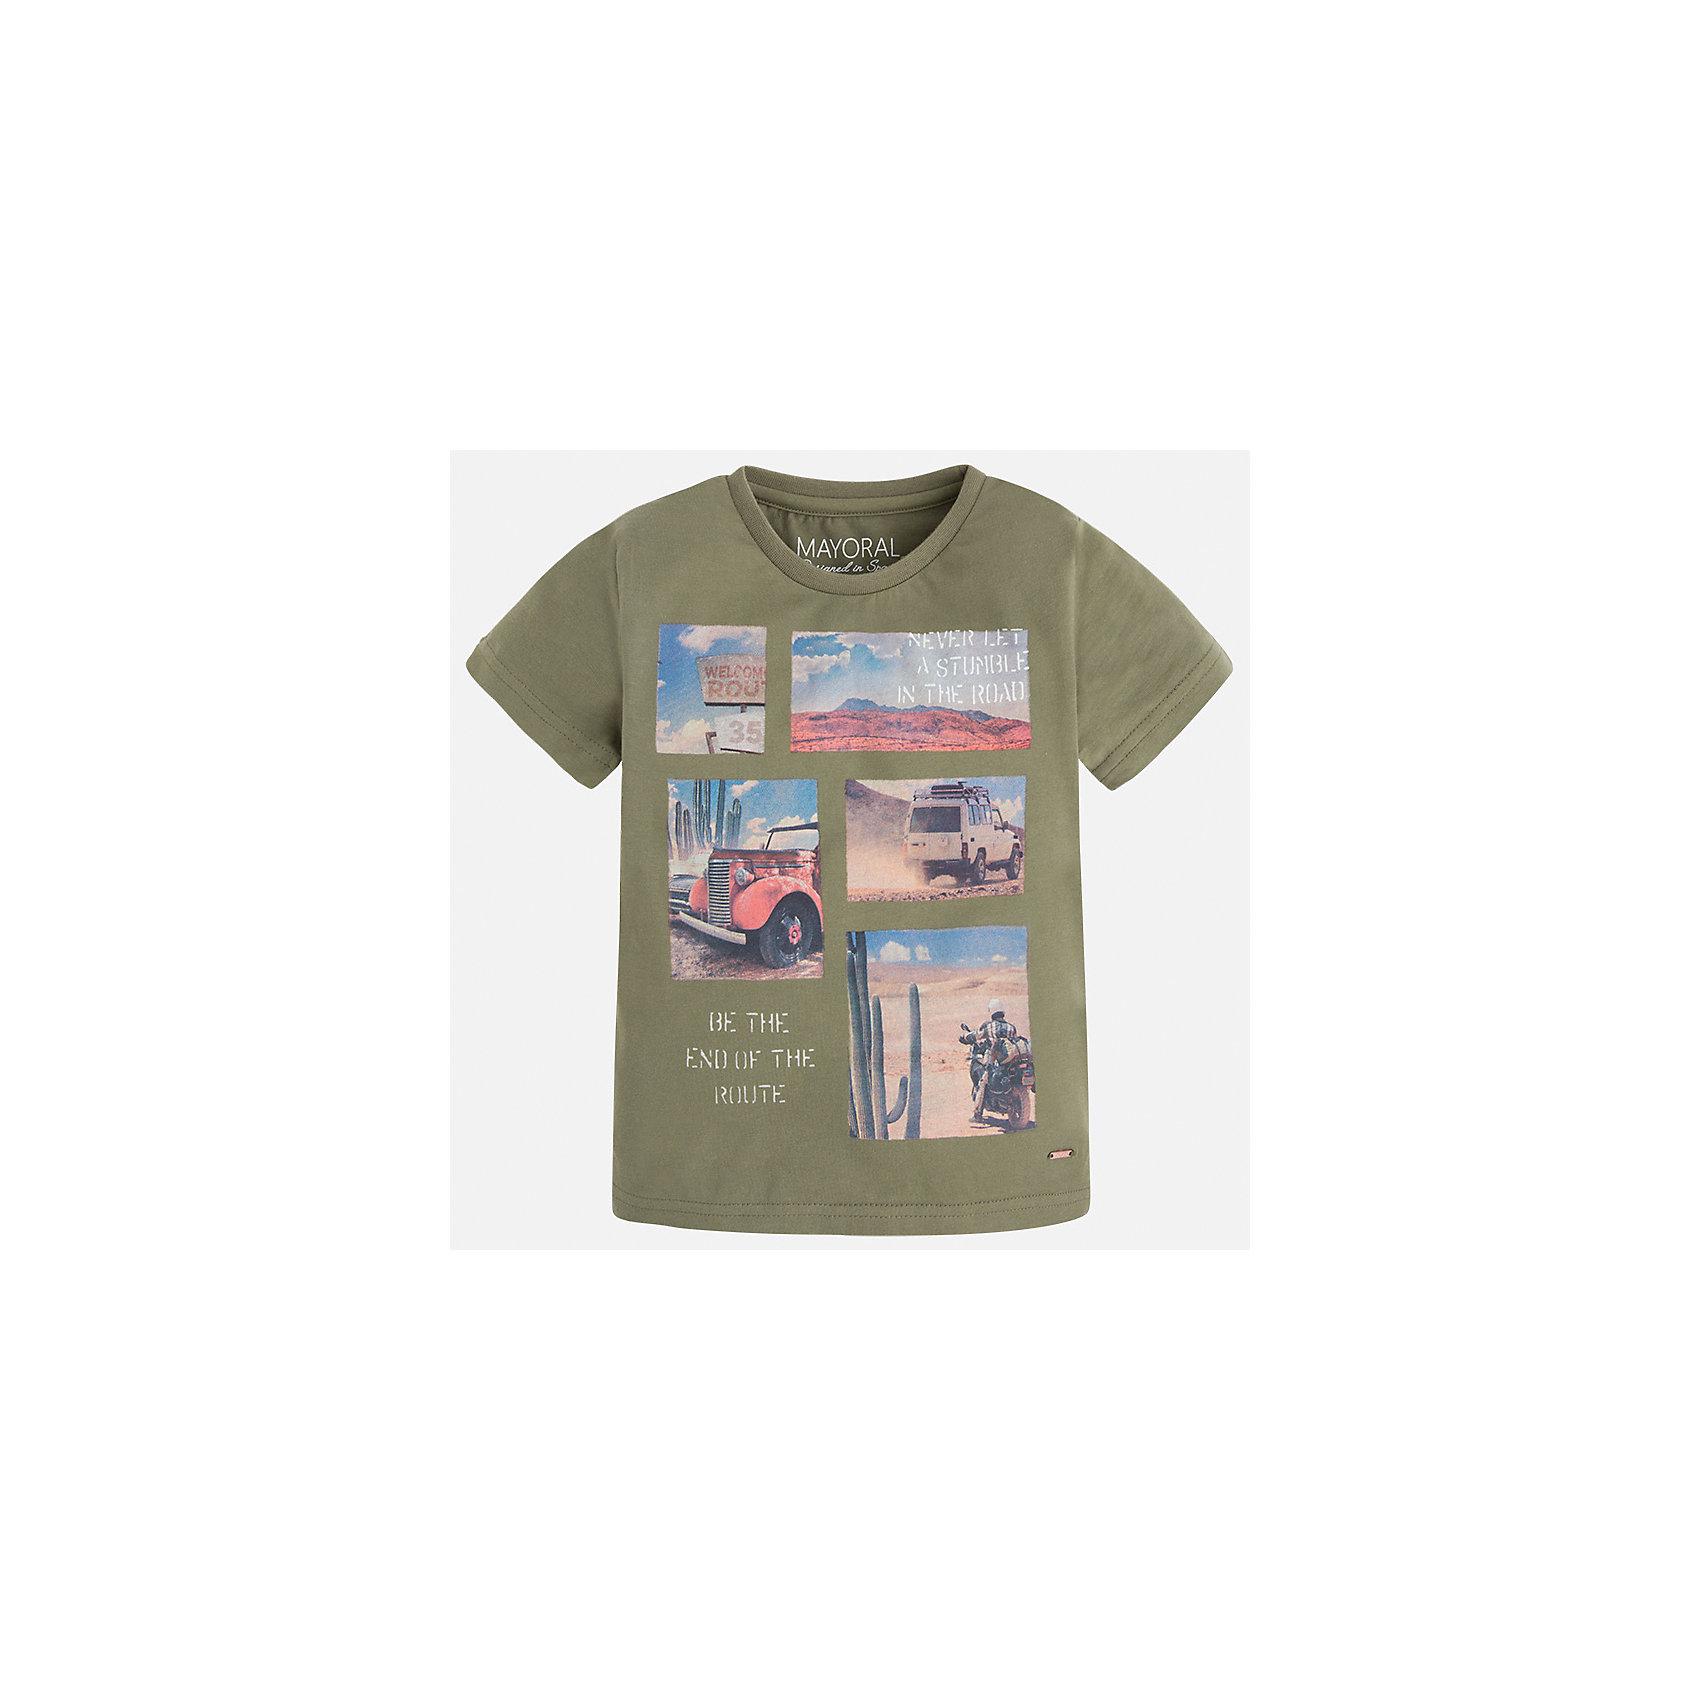 Футболка для мальчика MayoralФутболки, поло и топы<br>Характеристики товара:<br><br>• цвет: зеленый<br>• состав: 100% хлопок<br>• круглый горловой вырез<br>• декорирована принтом<br>• короткие рукава<br>• отделка горловины<br>• страна бренда: Испания<br><br>Стильная удобная футболка с принтом поможет разнообразить гардероб мальчика. Она отлично сочетается с брюками, шортами, джинсами. Универсальный крой и цвет позволяет подобрать к вещи низ разных расцветок. Практичное и стильное изделие! Хорошо смотрится и комфортно сидит на детях. В составе материала - только натуральный хлопок, гипоаллергенный, приятный на ощупь, дышащий. <br><br>Одежда, обувь и аксессуары от испанского бренда Mayoral полюбились детям и взрослым по всему миру. Модели этой марки - стильные и удобные. Для их производства используются только безопасные, качественные материалы и фурнитура. Порадуйте ребенка модными и красивыми вещами от Mayoral! <br><br>Футболку для мальчика от испанского бренда Mayoral (Майорал) можно купить в нашем интернет-магазине.<br><br>Ширина мм: 199<br>Глубина мм: 10<br>Высота мм: 161<br>Вес г: 151<br>Цвет: зеленый<br>Возраст от месяцев: 60<br>Возраст до месяцев: 72<br>Пол: Мужской<br>Возраст: Детский<br>Размер: 116,110,134,128,122<br>SKU: 5280053